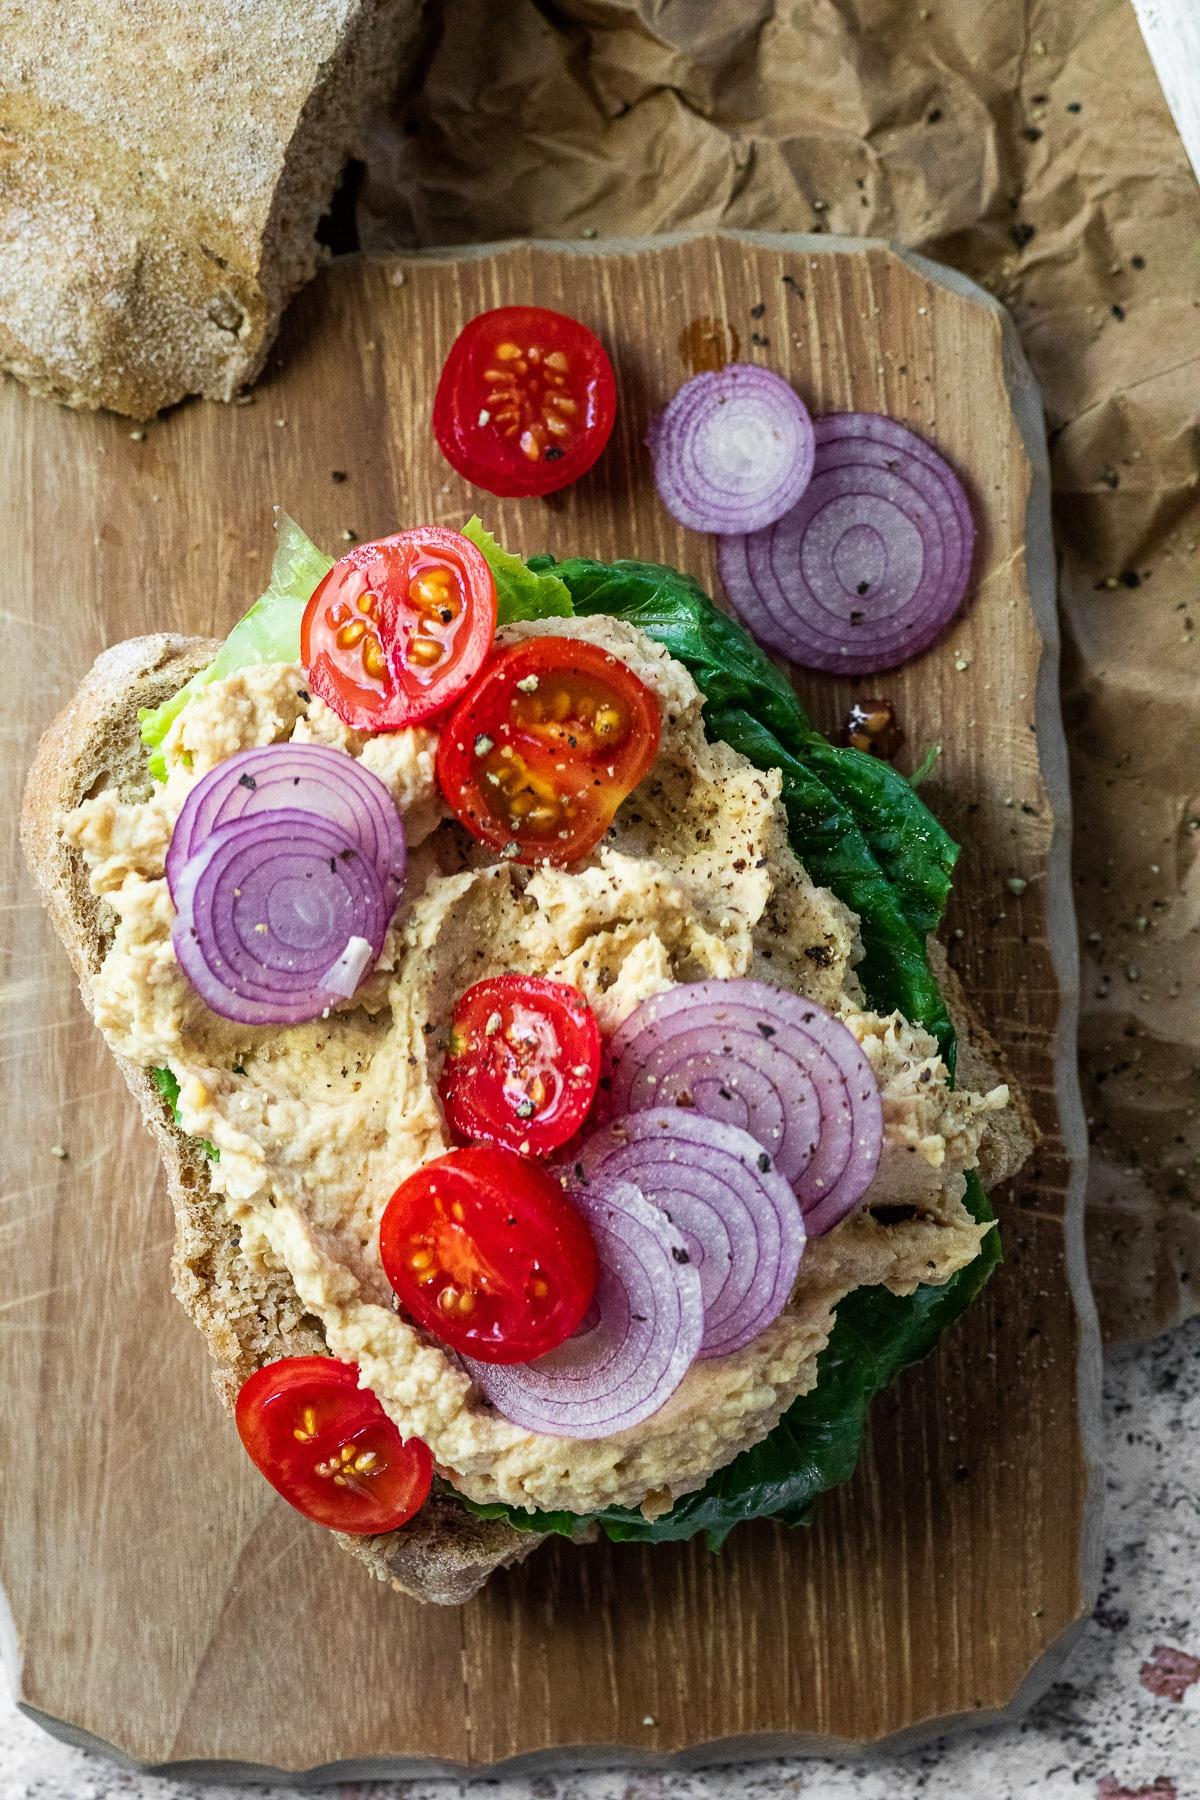 Close up of an open vegan tuna salad sandwich